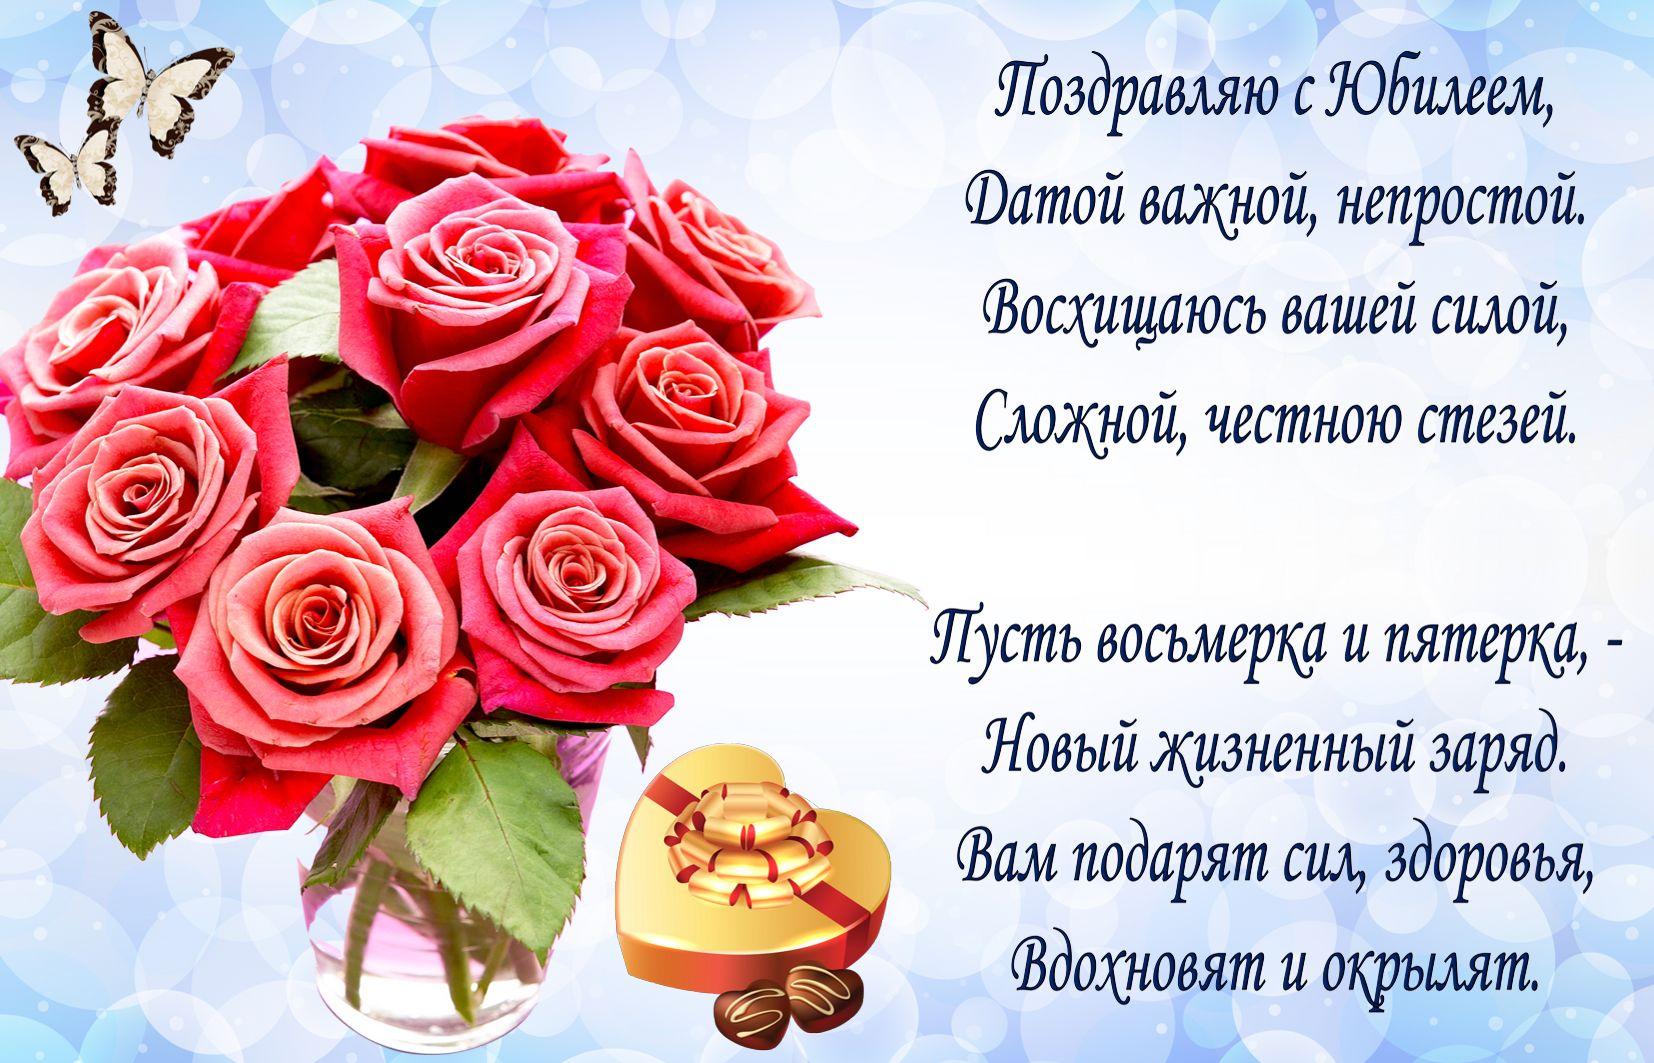 Поздравления с юбилеем мамы 85 лет